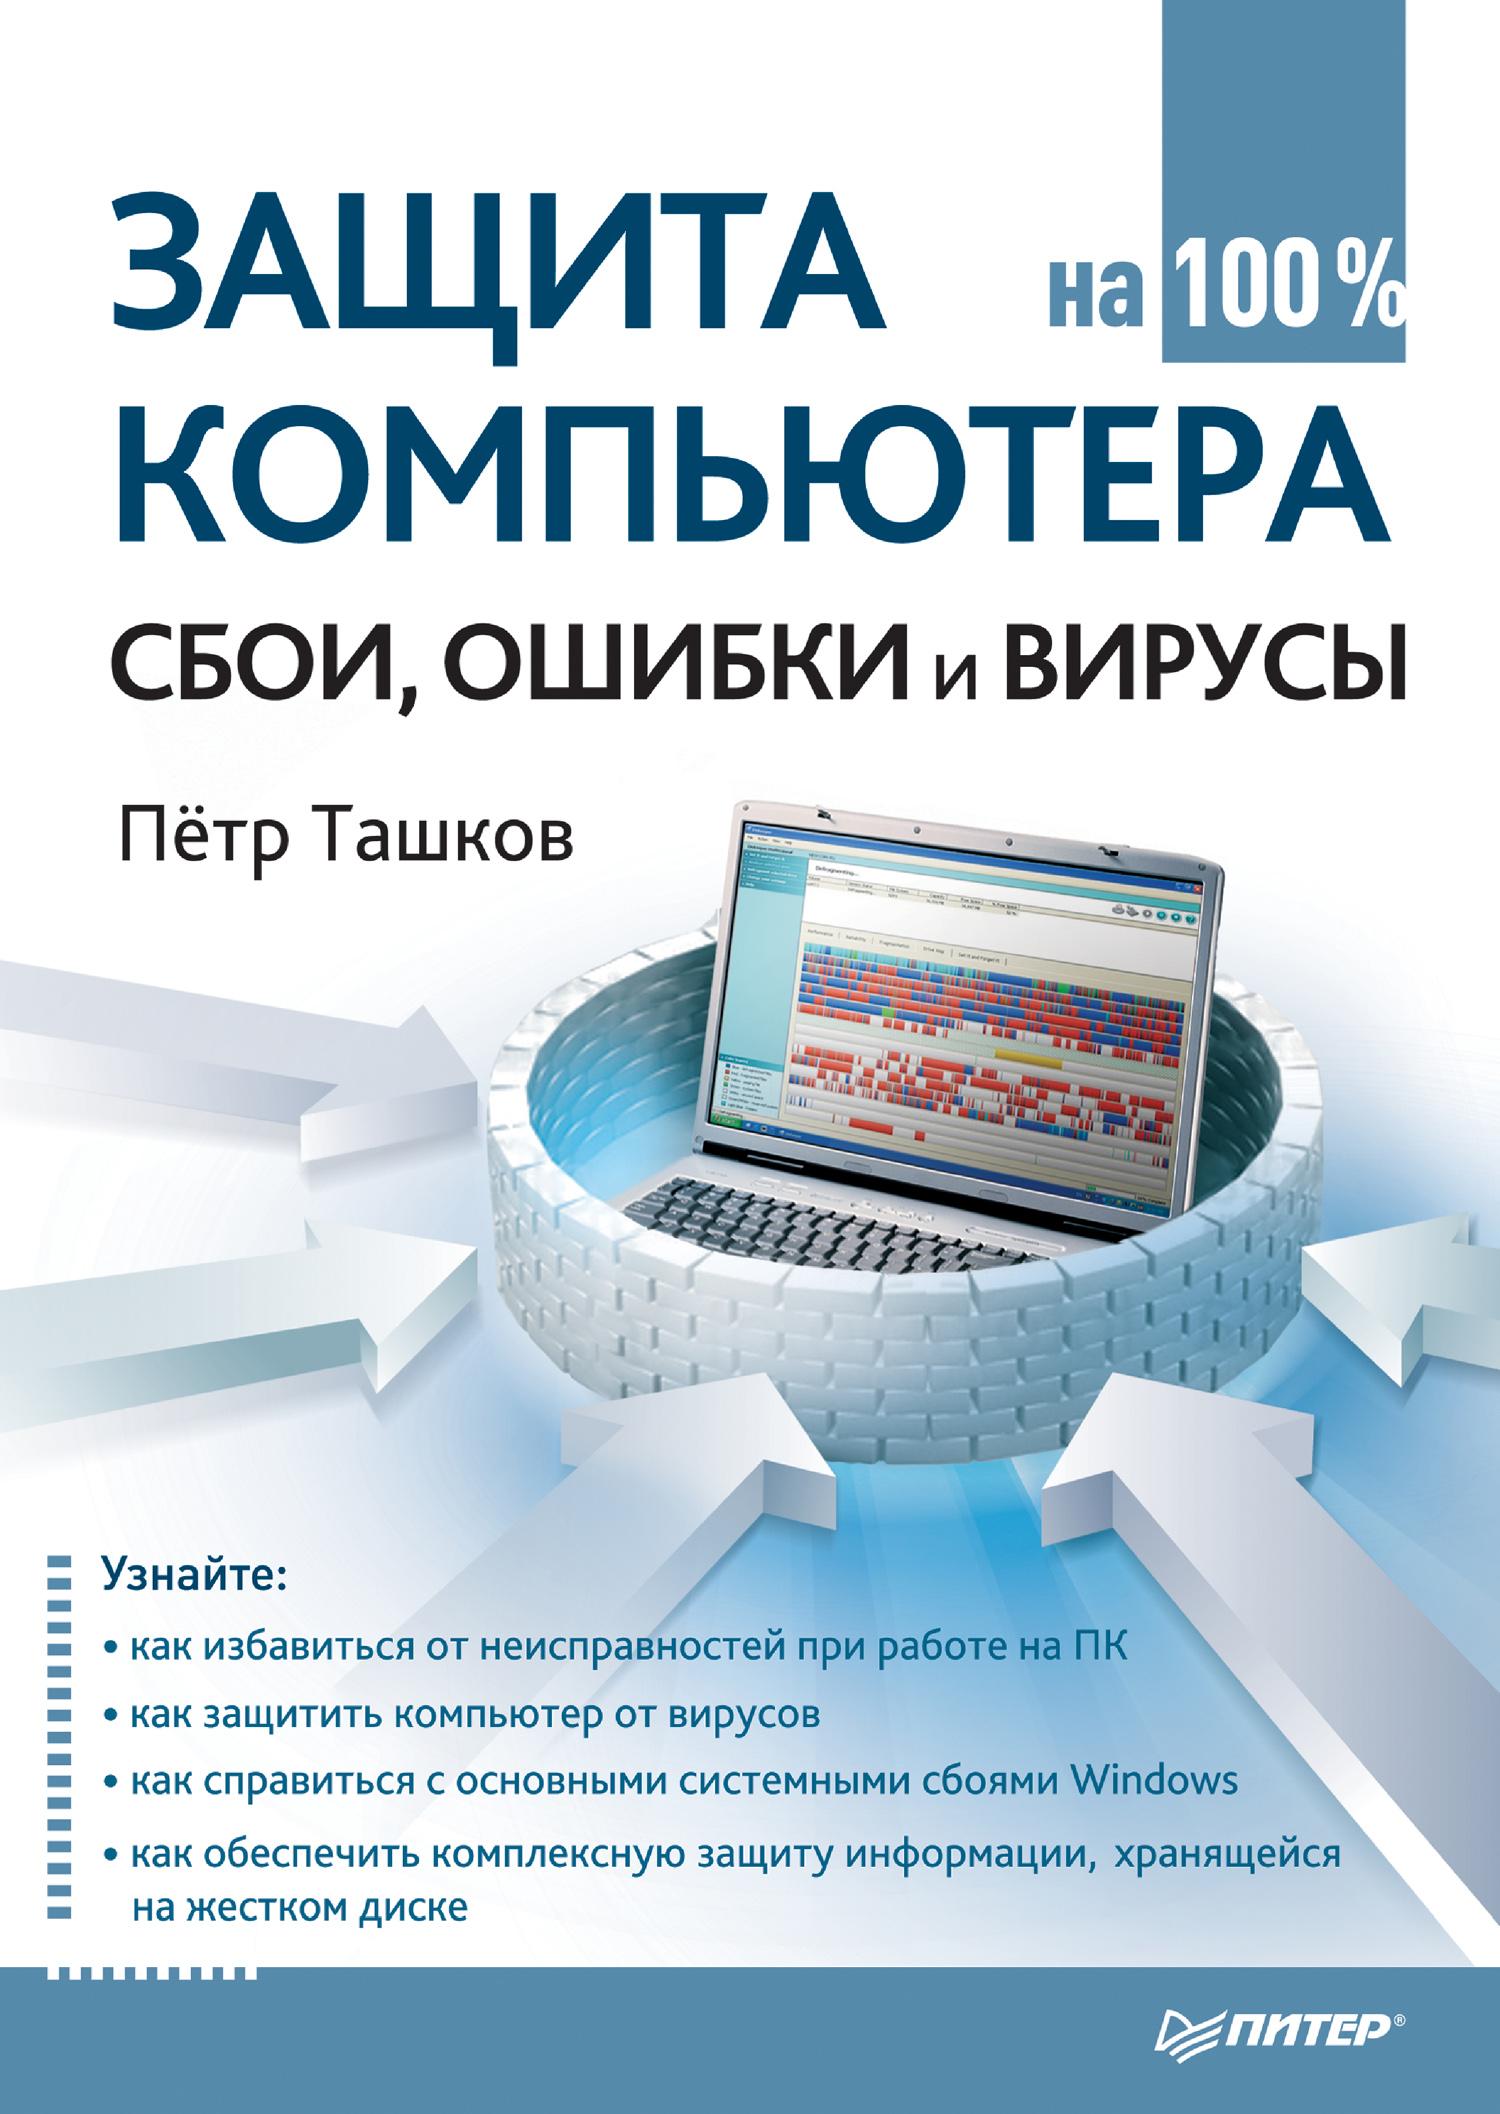 Петр Ташков «Защита компьютера на 100%: cбои, ошибки и вирусы»